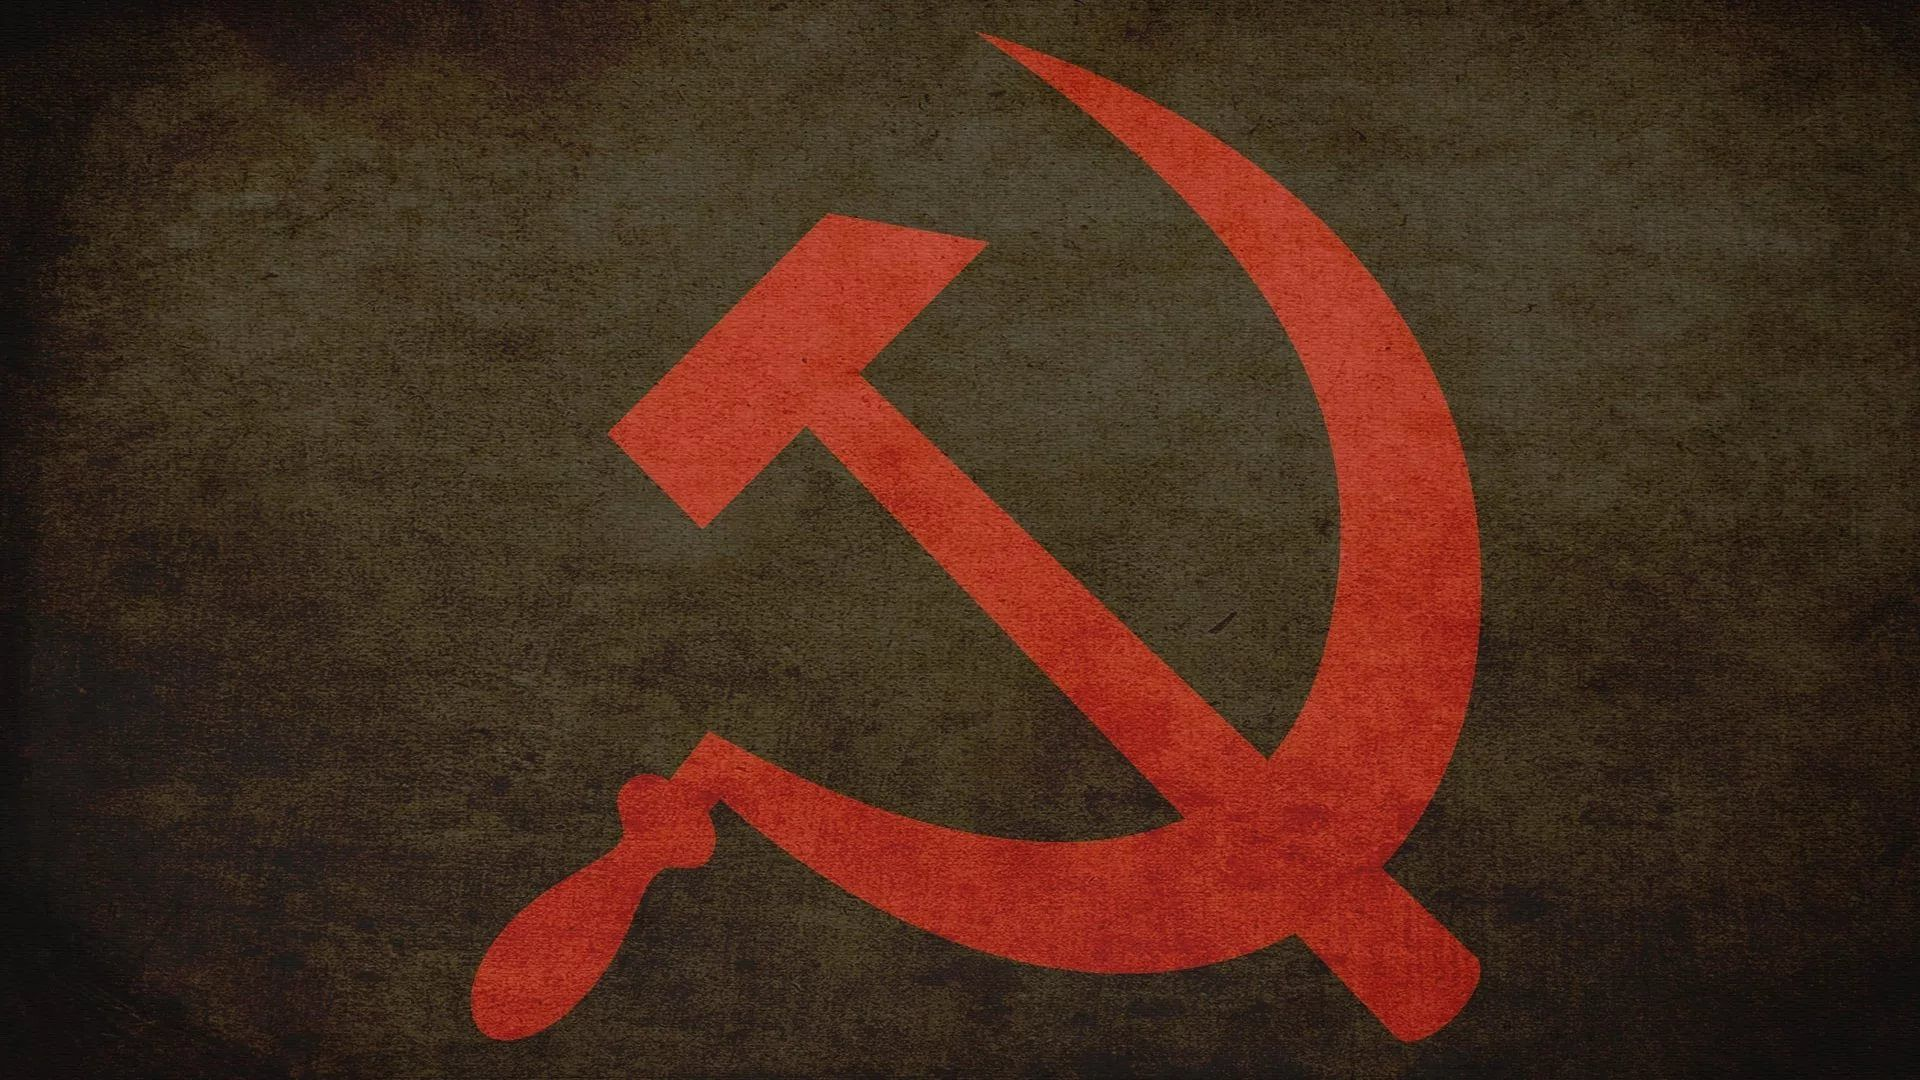 Communism Picture